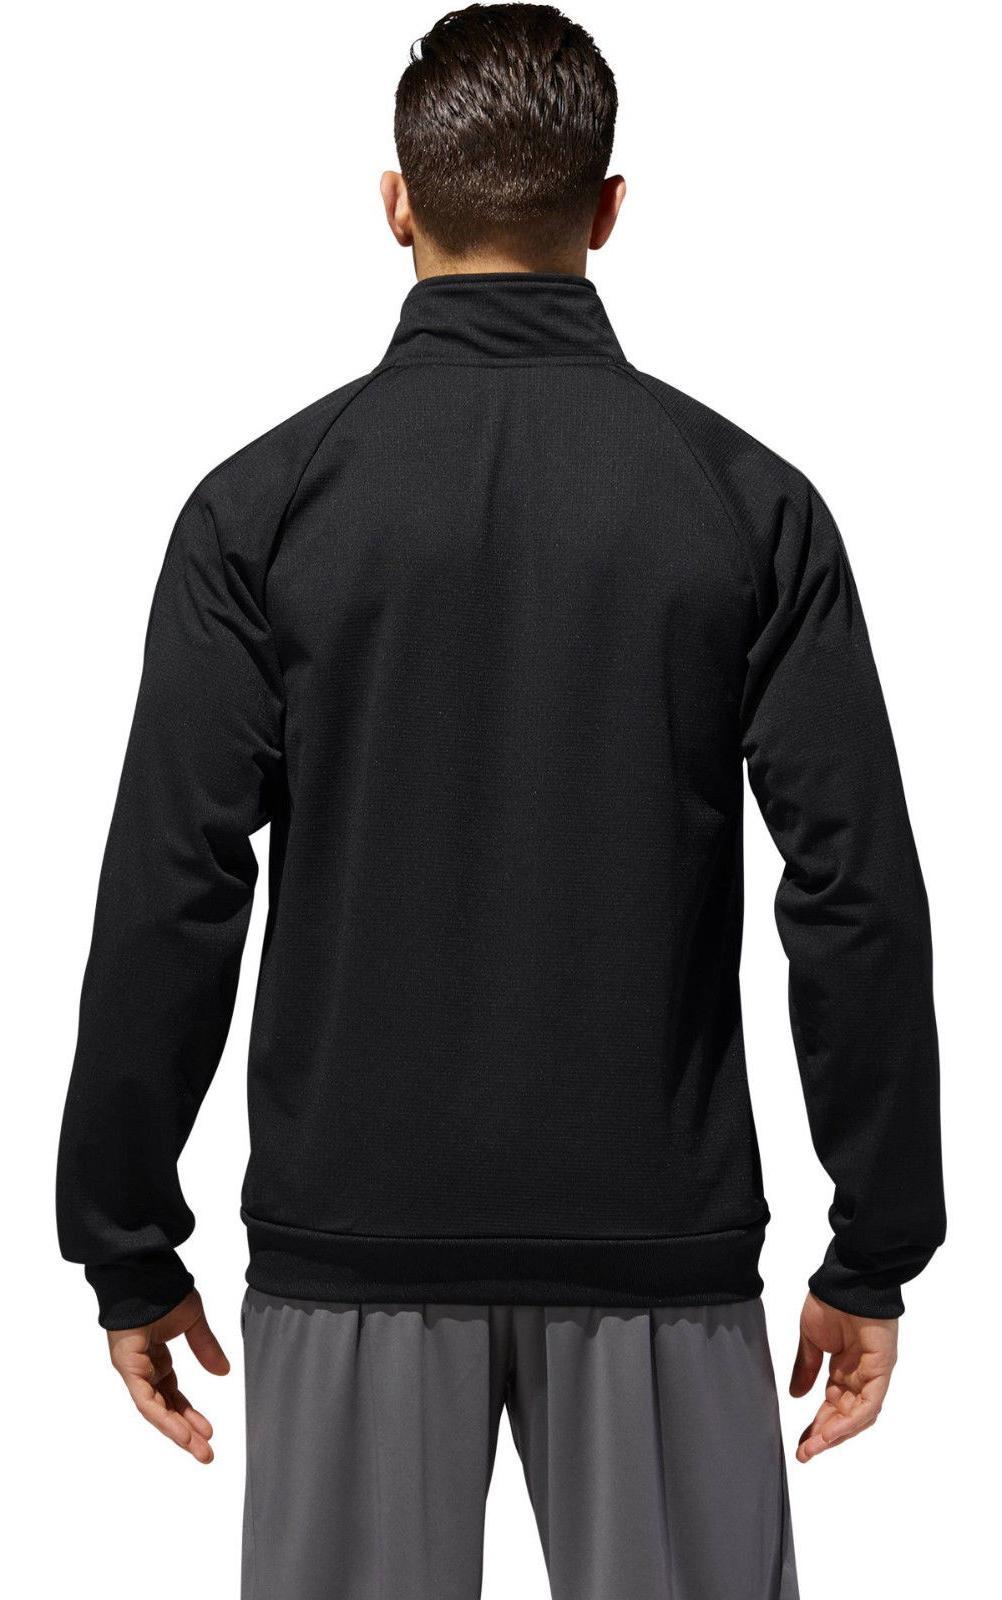 Mens Adidas Jacket Sleeve Shirt L-XXL